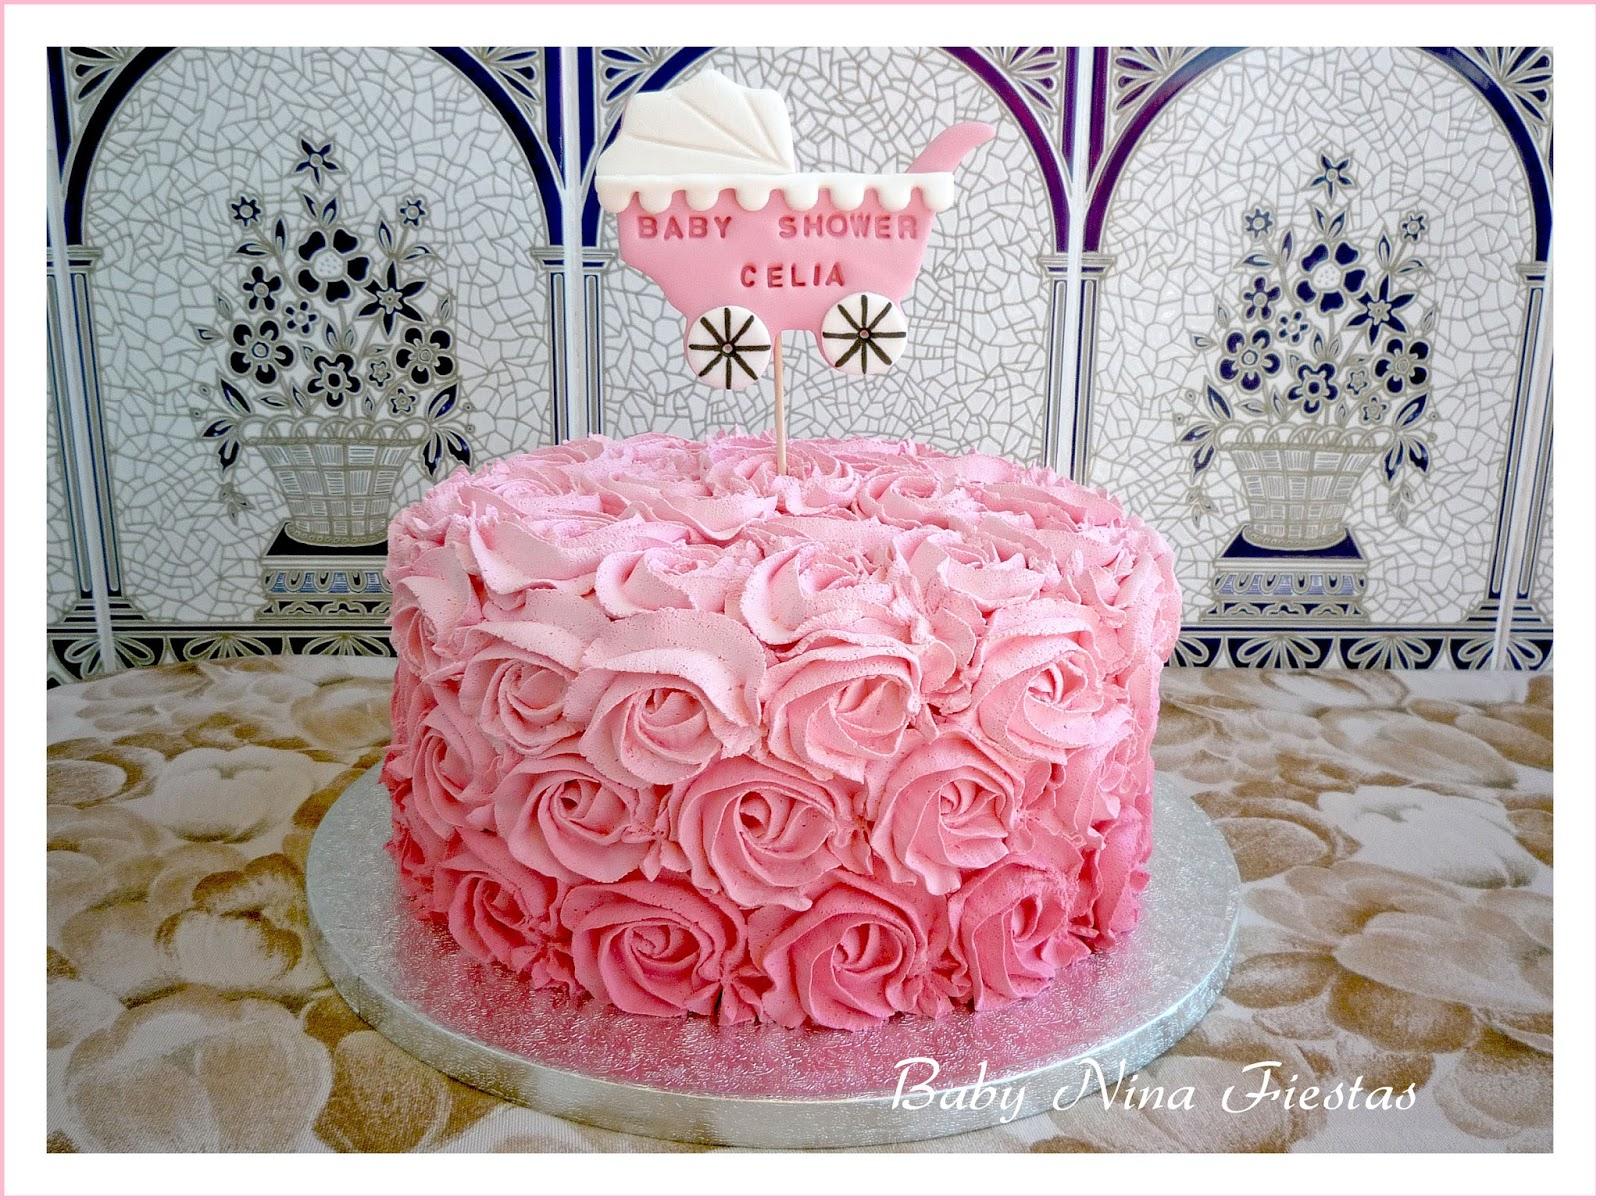 Baby nina fiestas tarta rosas para el baby shower de celia - Baby shower de nina ...